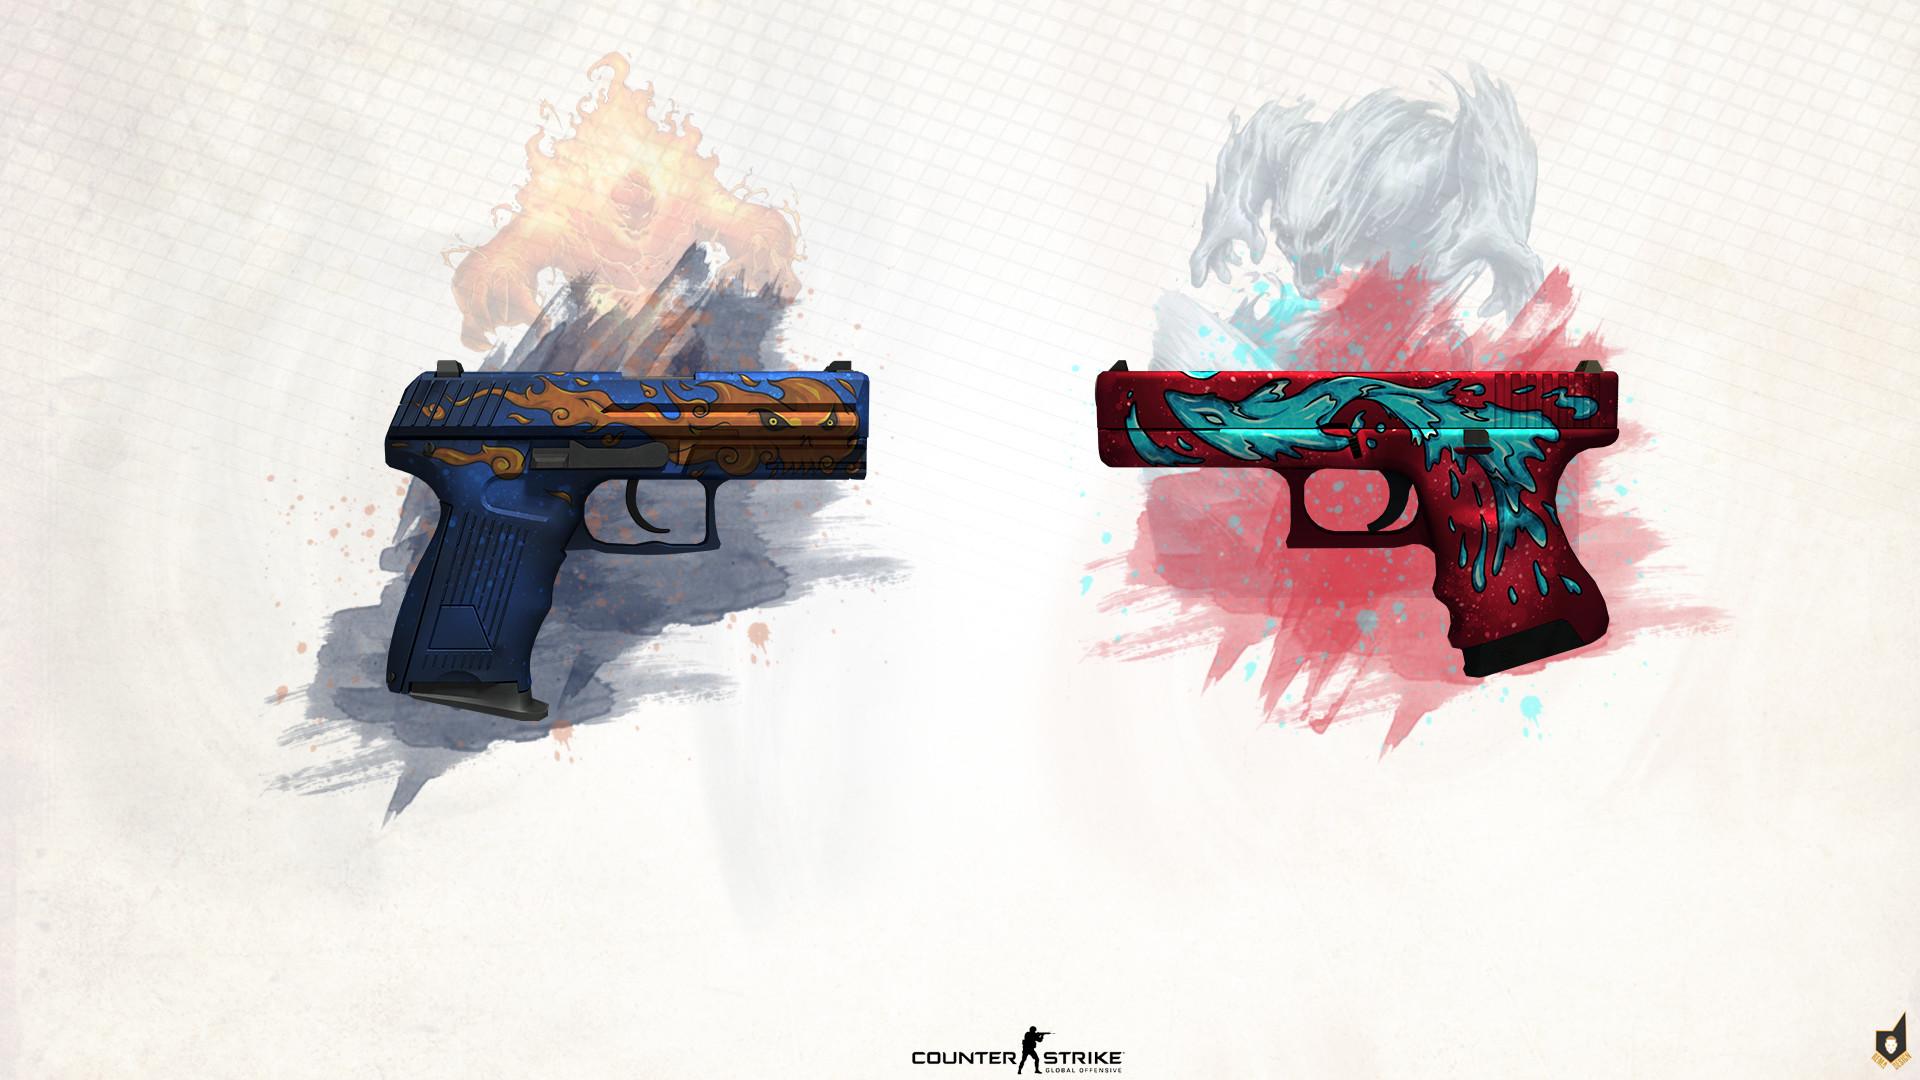 … P2000,Glock Fire VS Water: …